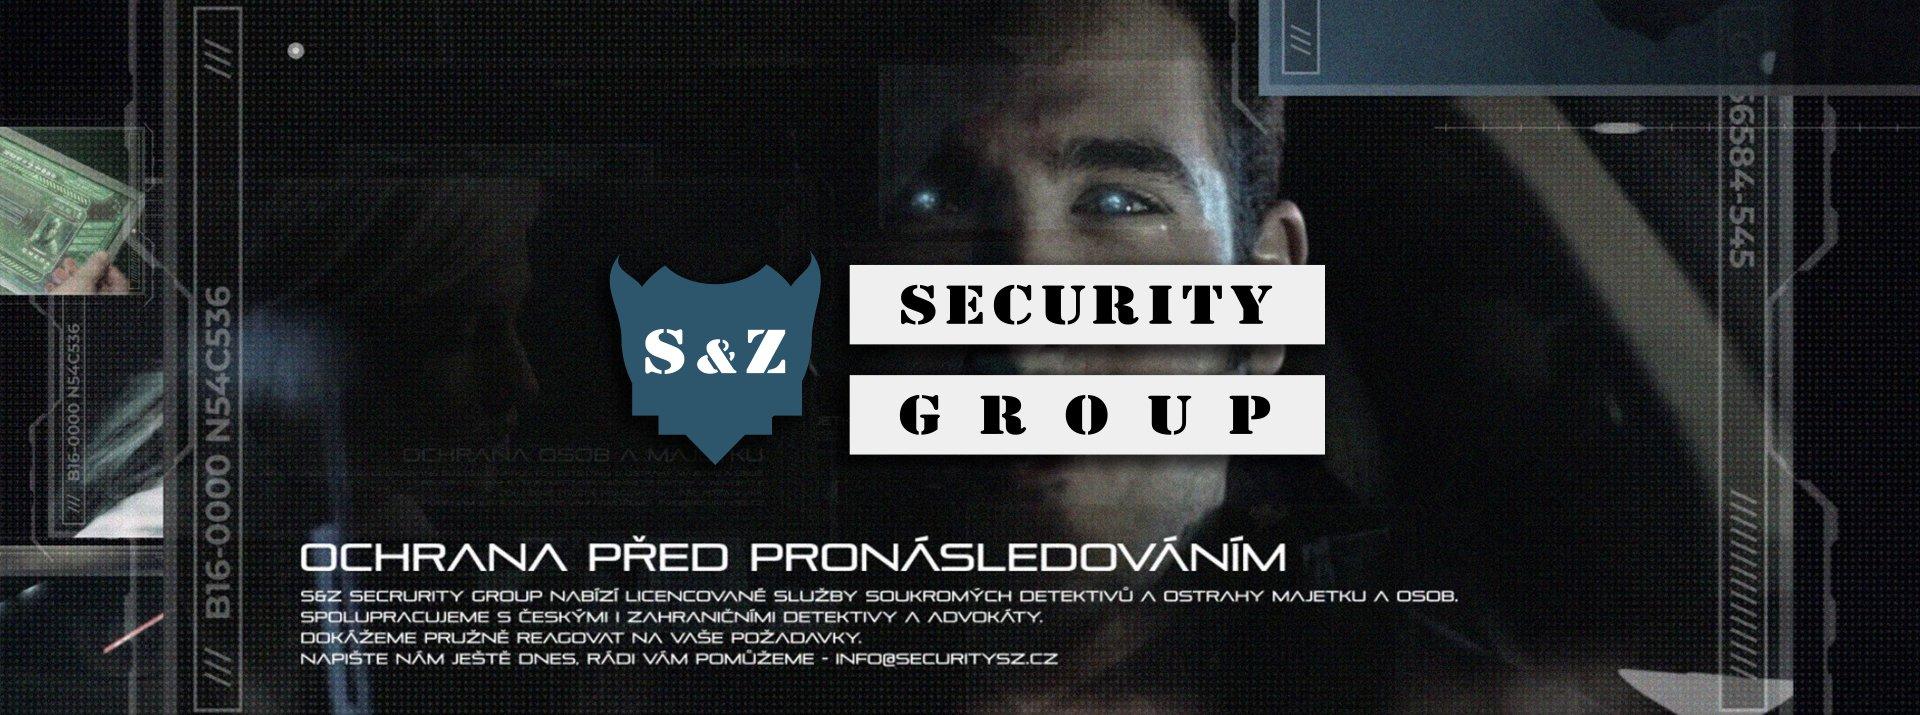 security-plzen-3.jpg